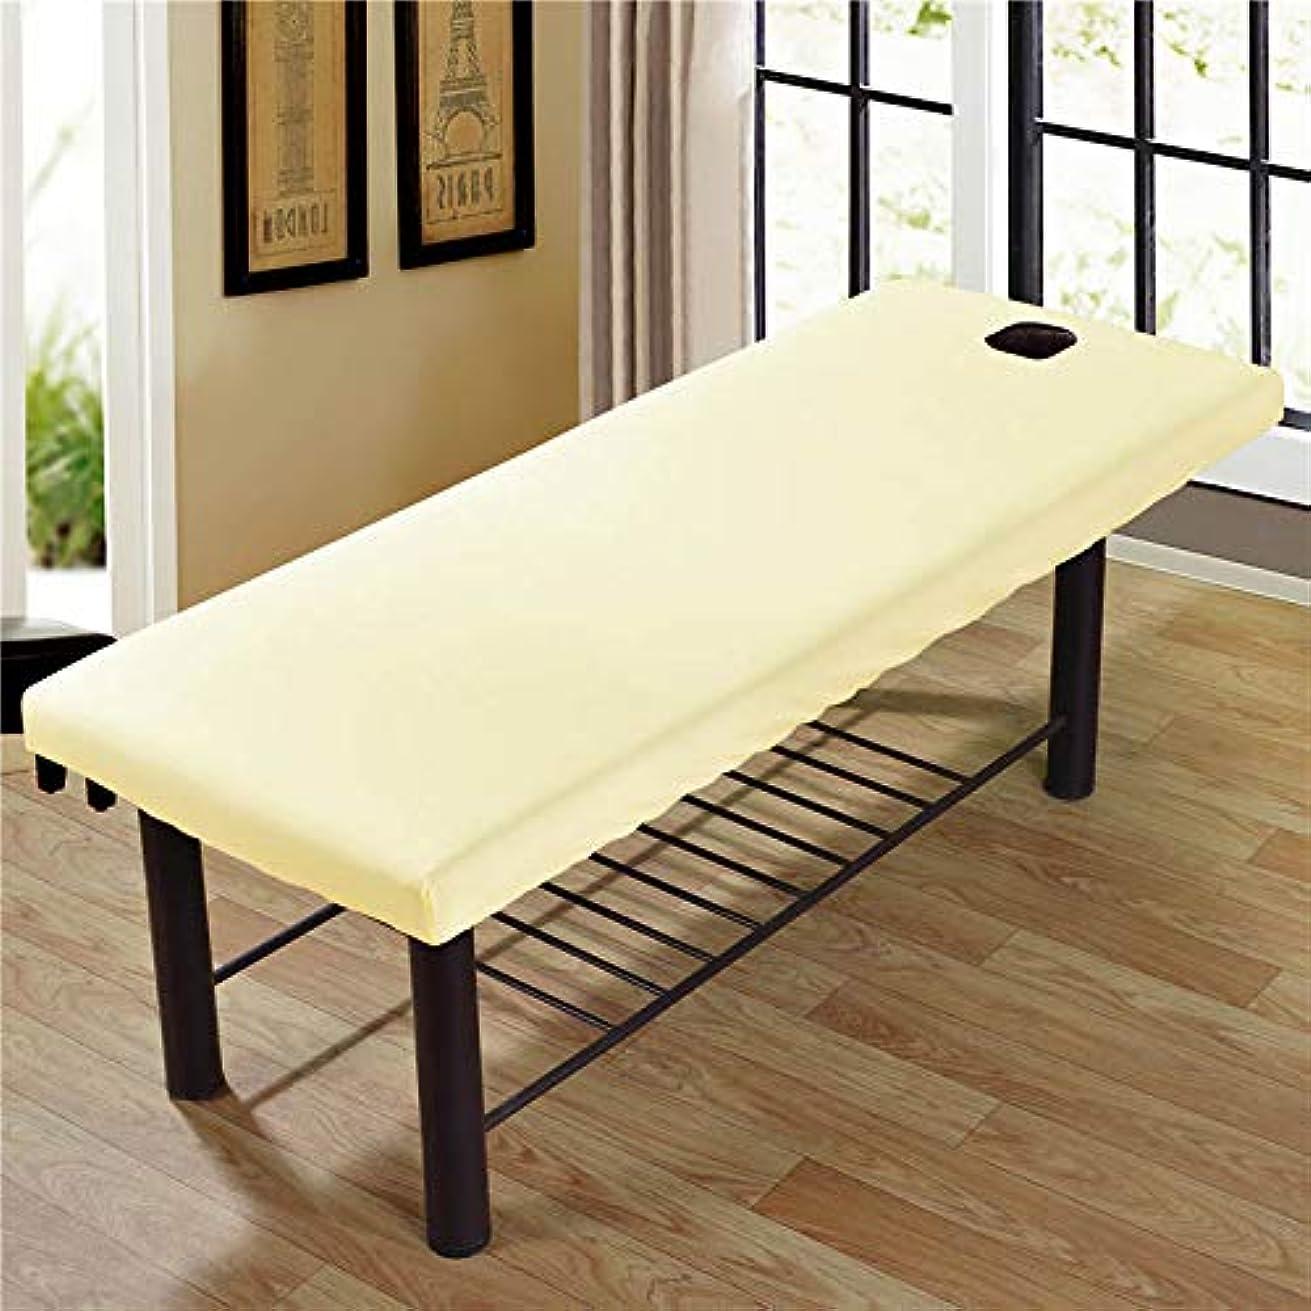 診断する聖なるスタッフAylincool 美容院のマッサージ療法のベッドのための柔らかいSoliod色の長方形のマットレス